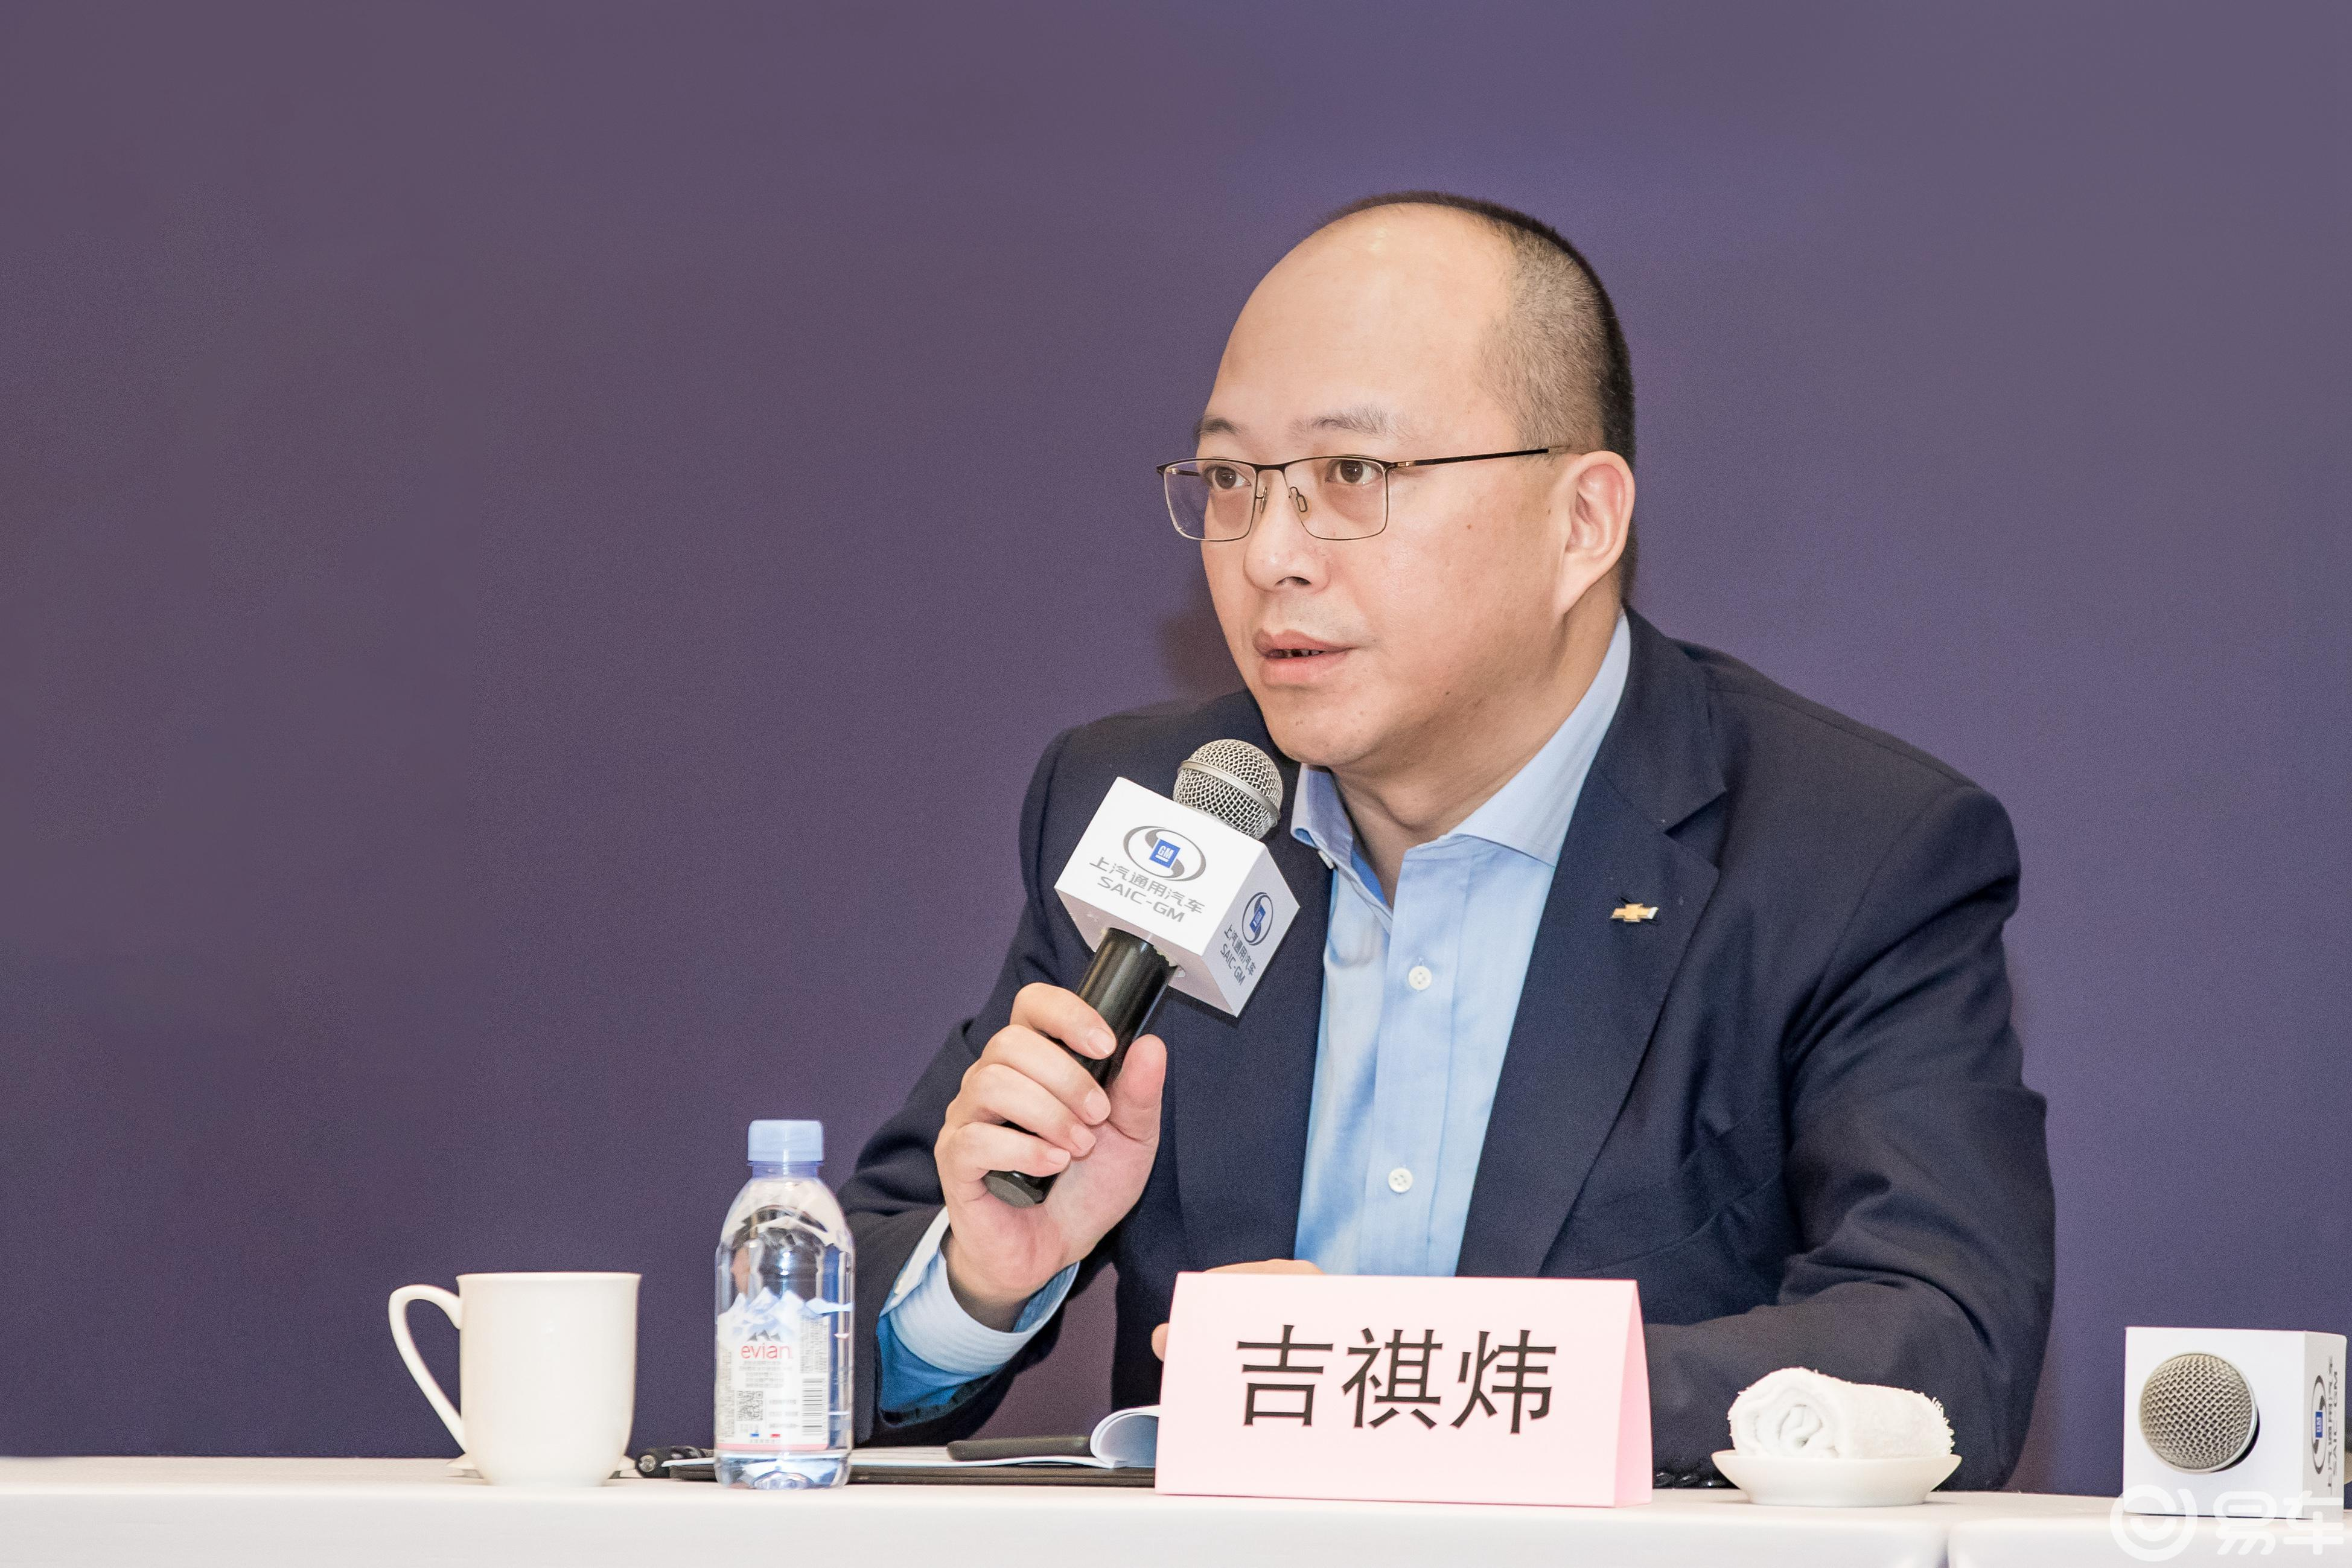 上汽通用硬核访谈:在中国市场上,我们不可能输